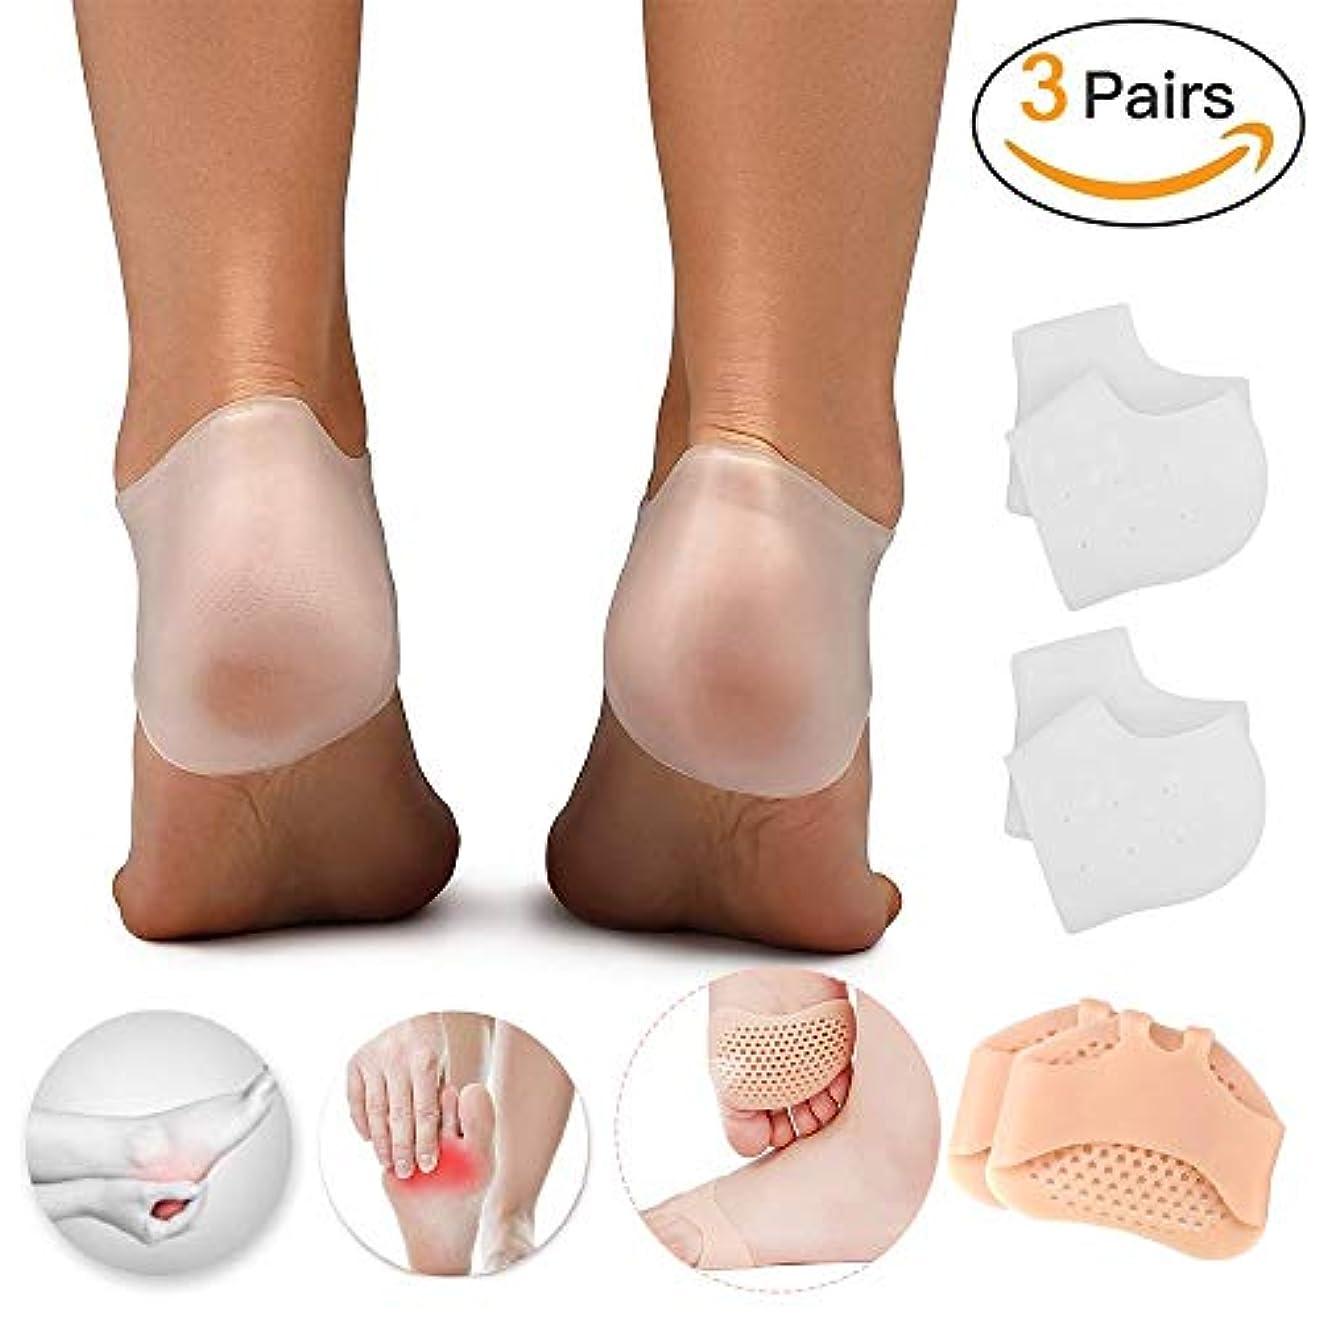 縁石ガード余分なかかとクッションスリーブプロテクター、足底筋膜炎、アキレス腱炎、かかとの痛み、中足骨gia神経腫、糖尿病性足の痛みを軽減するための女性と男性の中足骨パッド